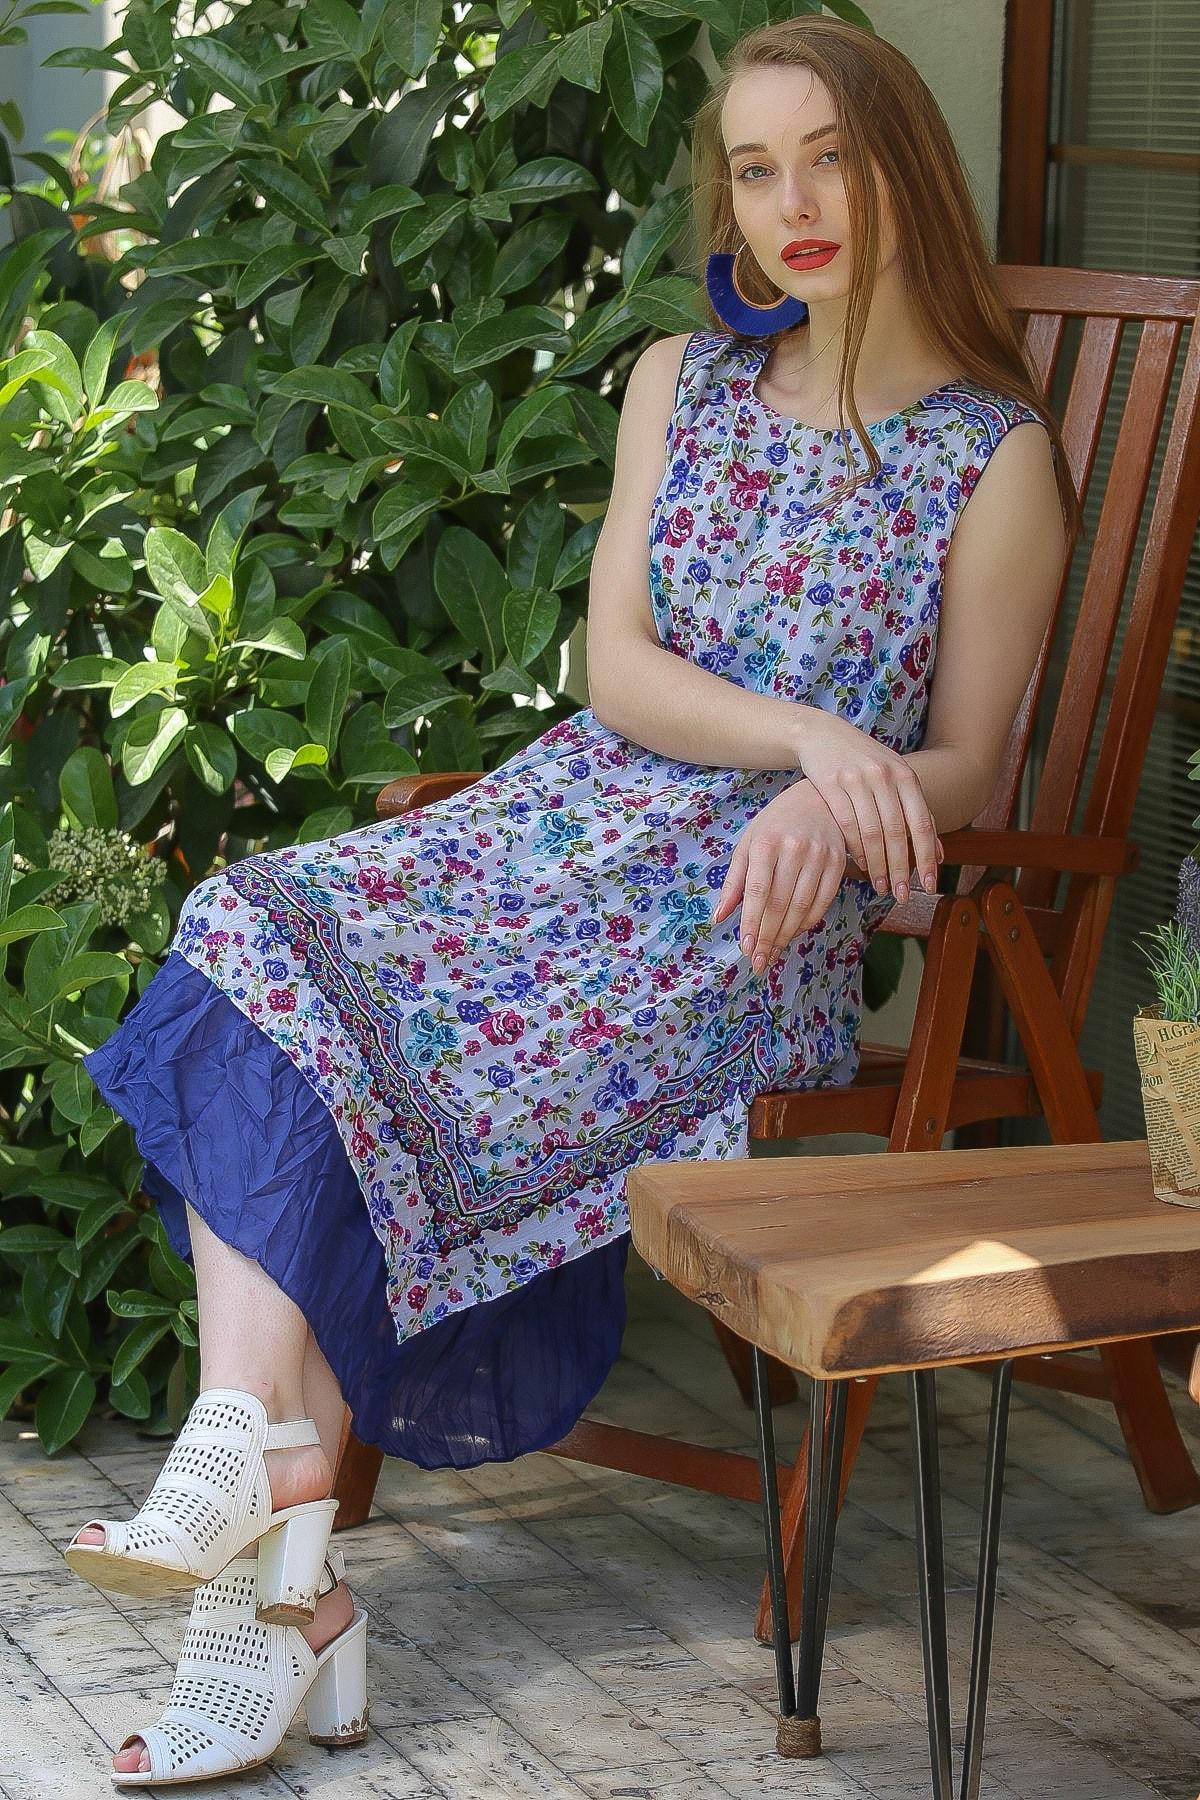 Chiccy Kadın Lacivert-Beyaz Bohem Çıtır Çiçek Desenli Düşük Kollu Astarlı Tülbent Elbise M10160000El96822